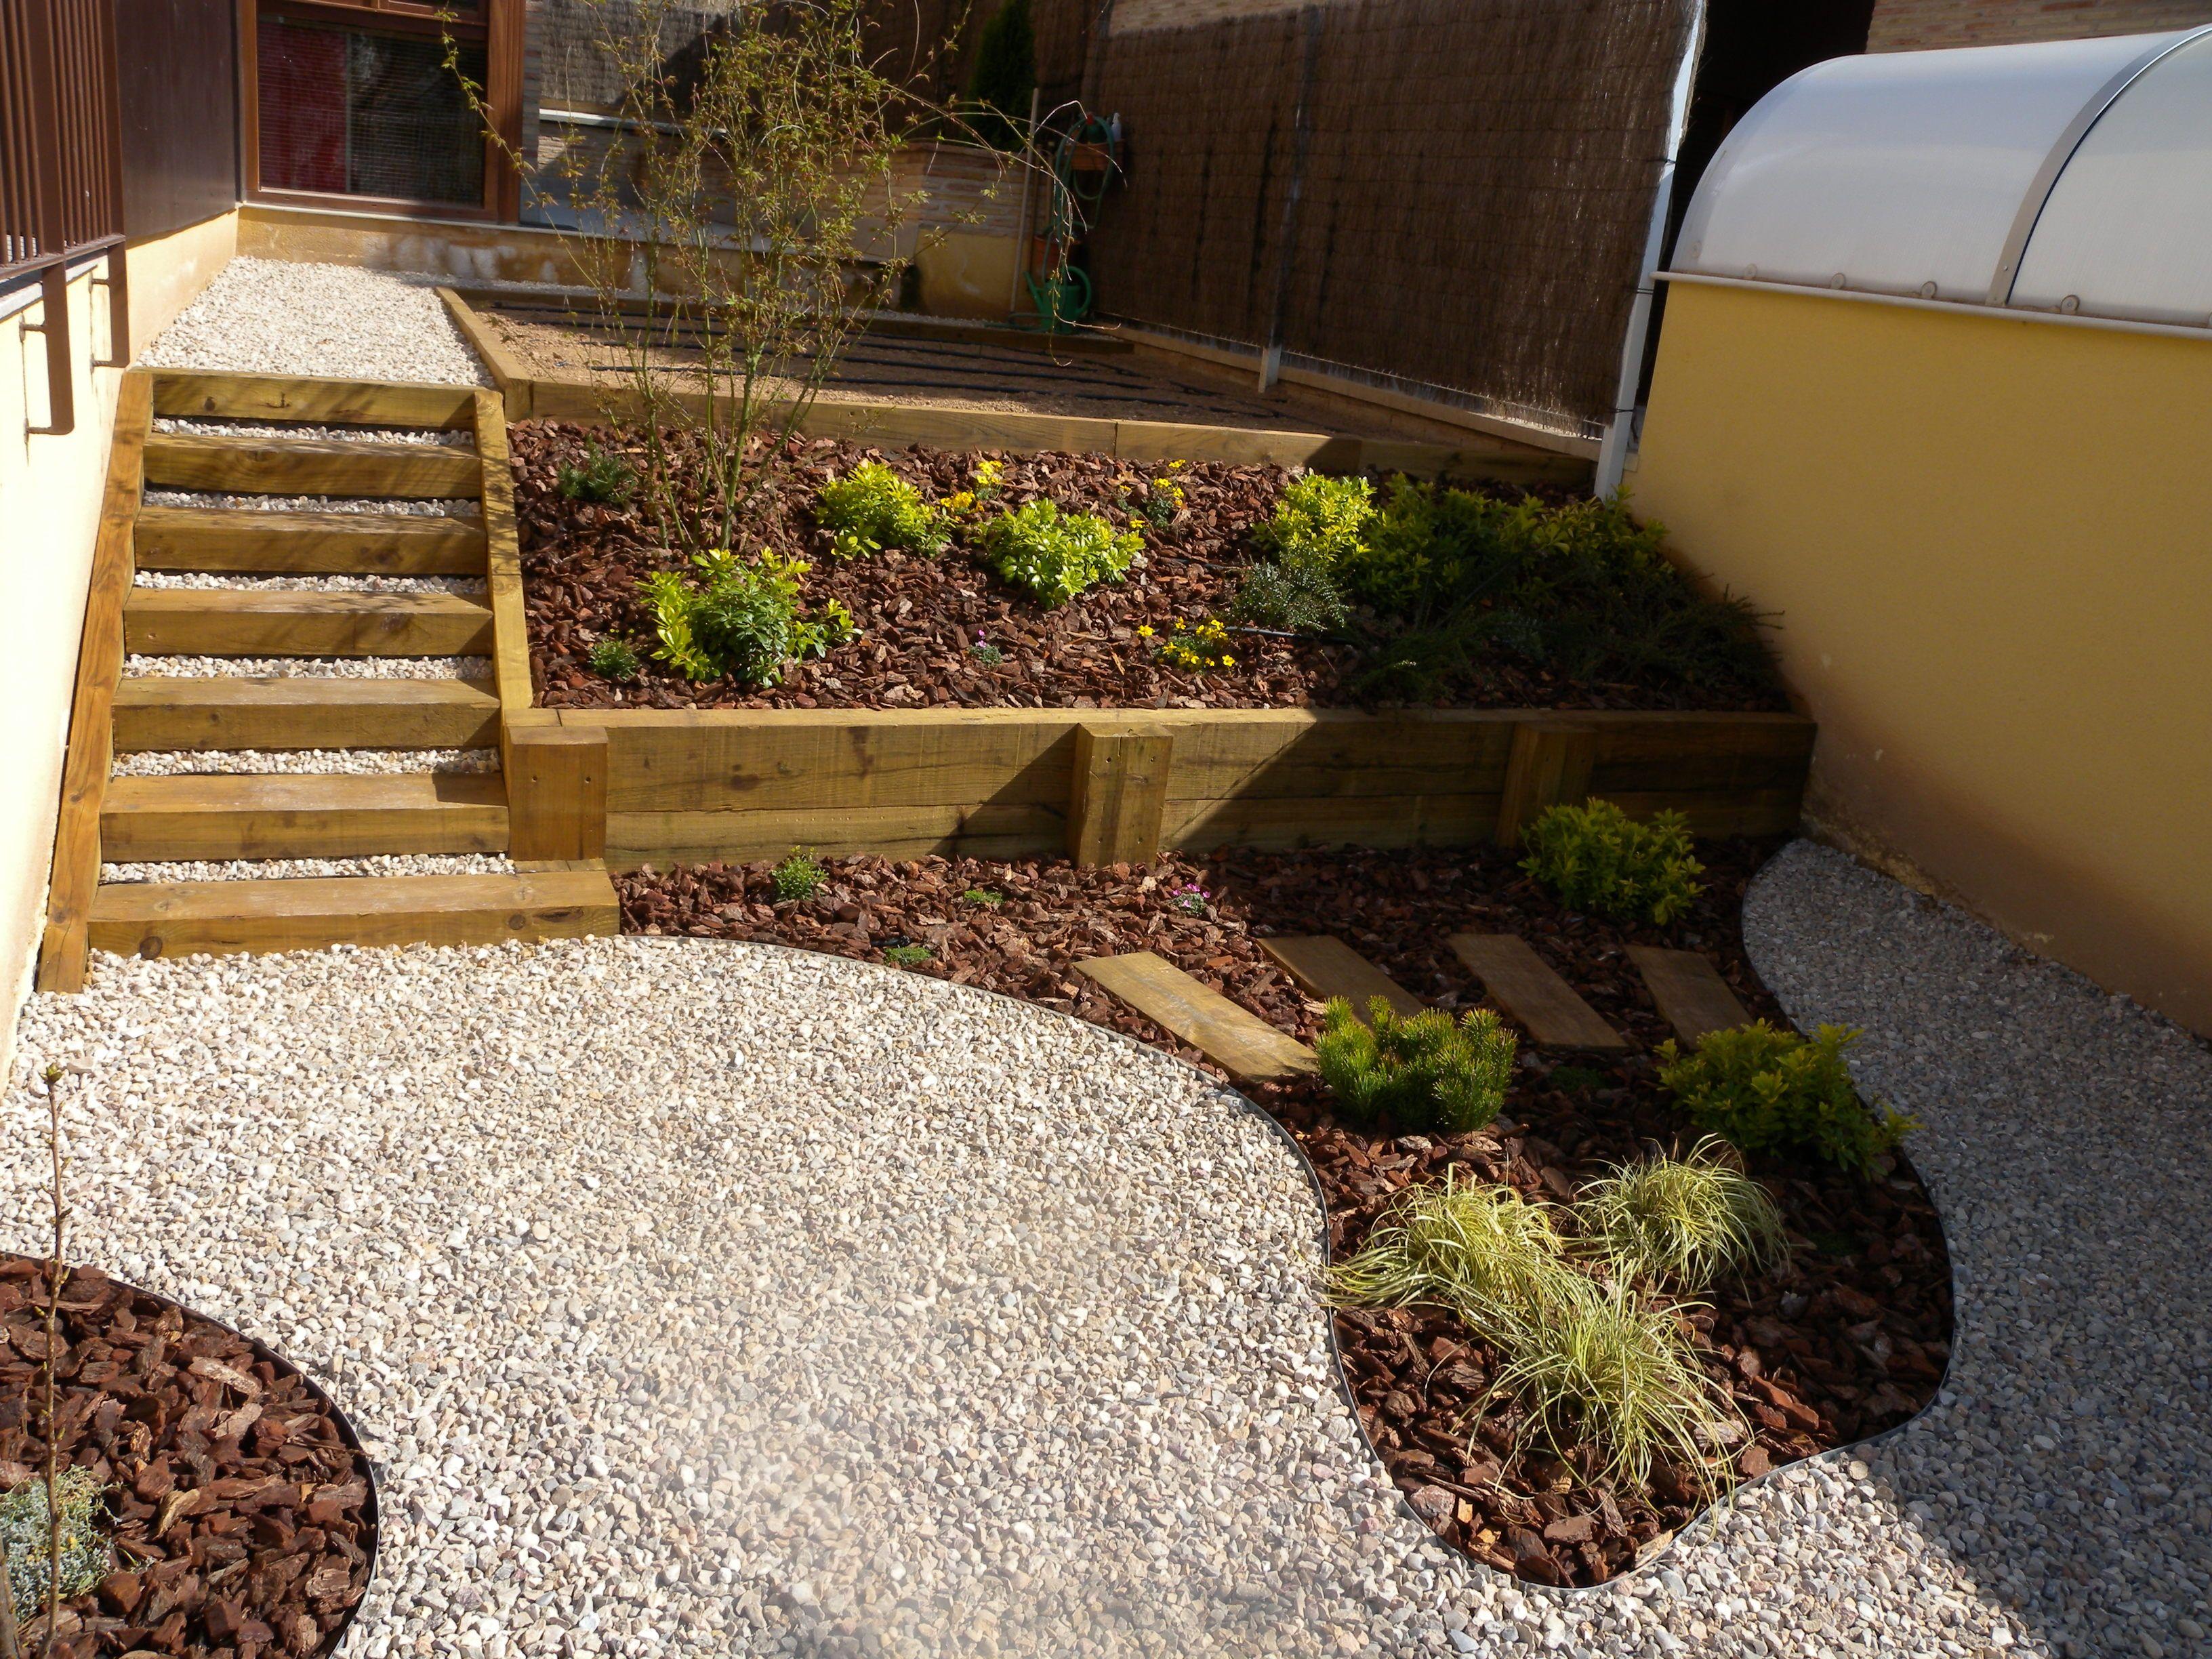 Escaleras y jardinera solucionados con traviesas de madera - Jardineras en escalera ...